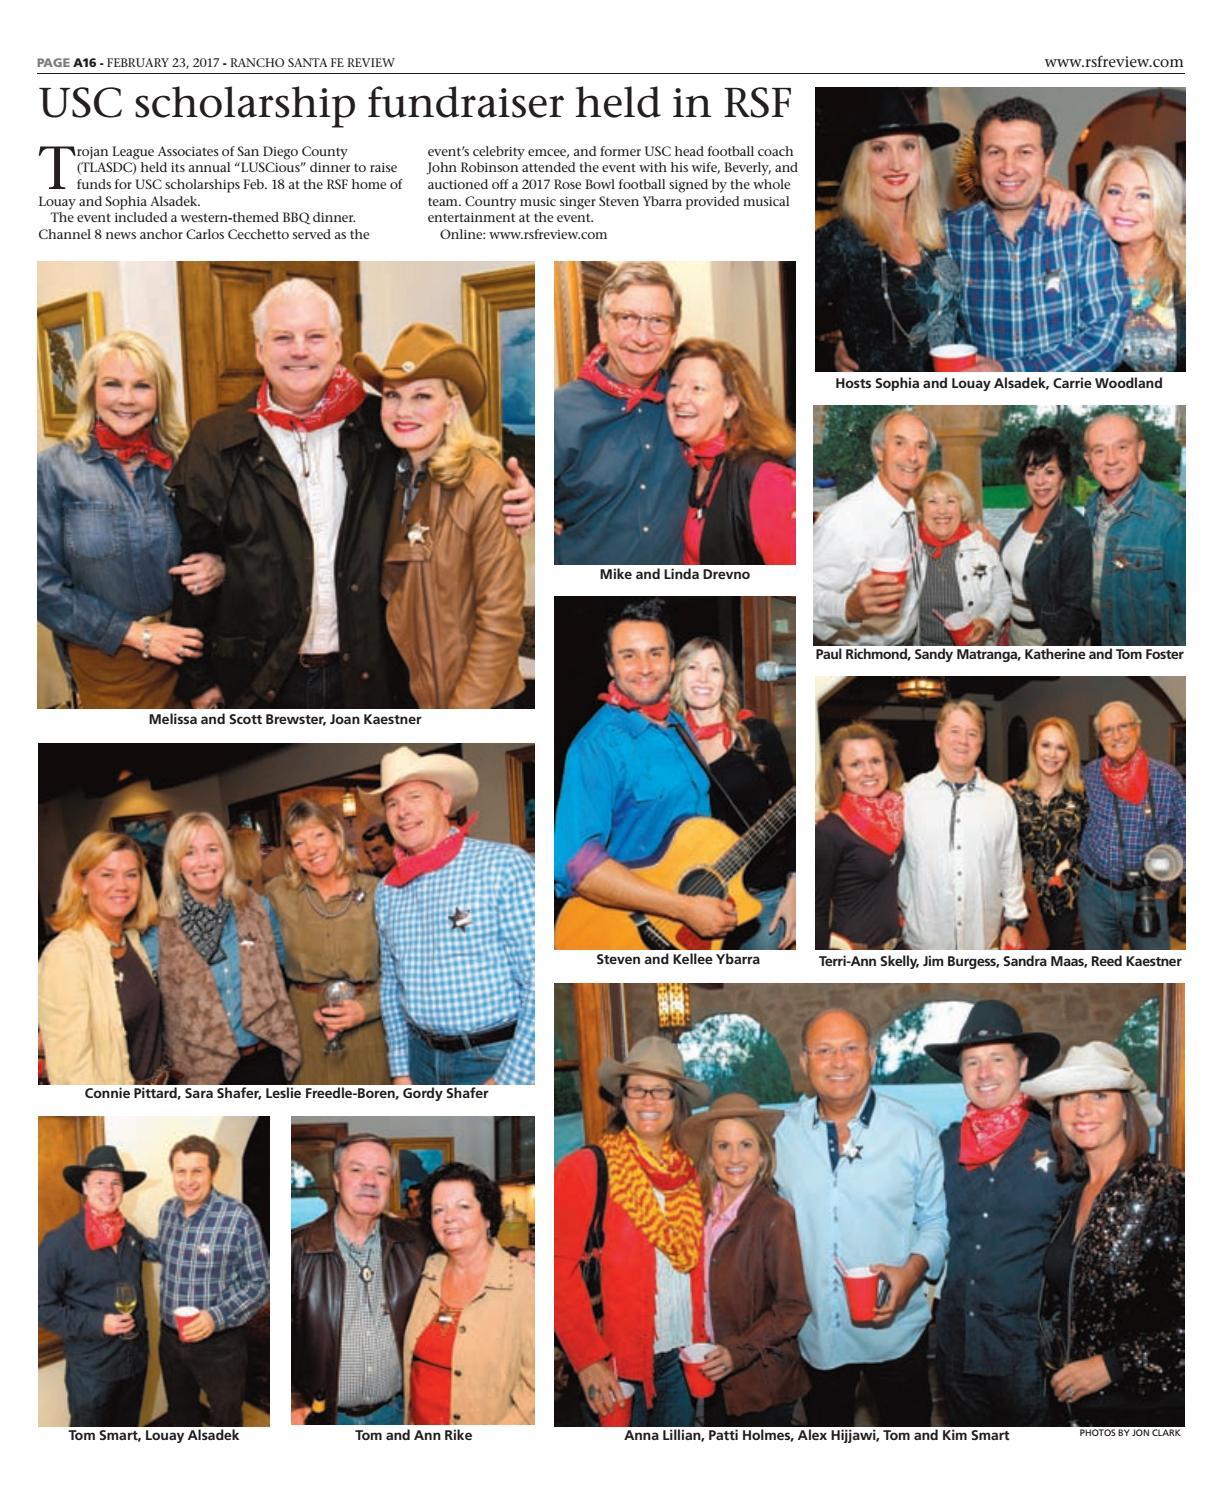 Rancho santa fe review 02 23 17 by MainStreet Media - issuu